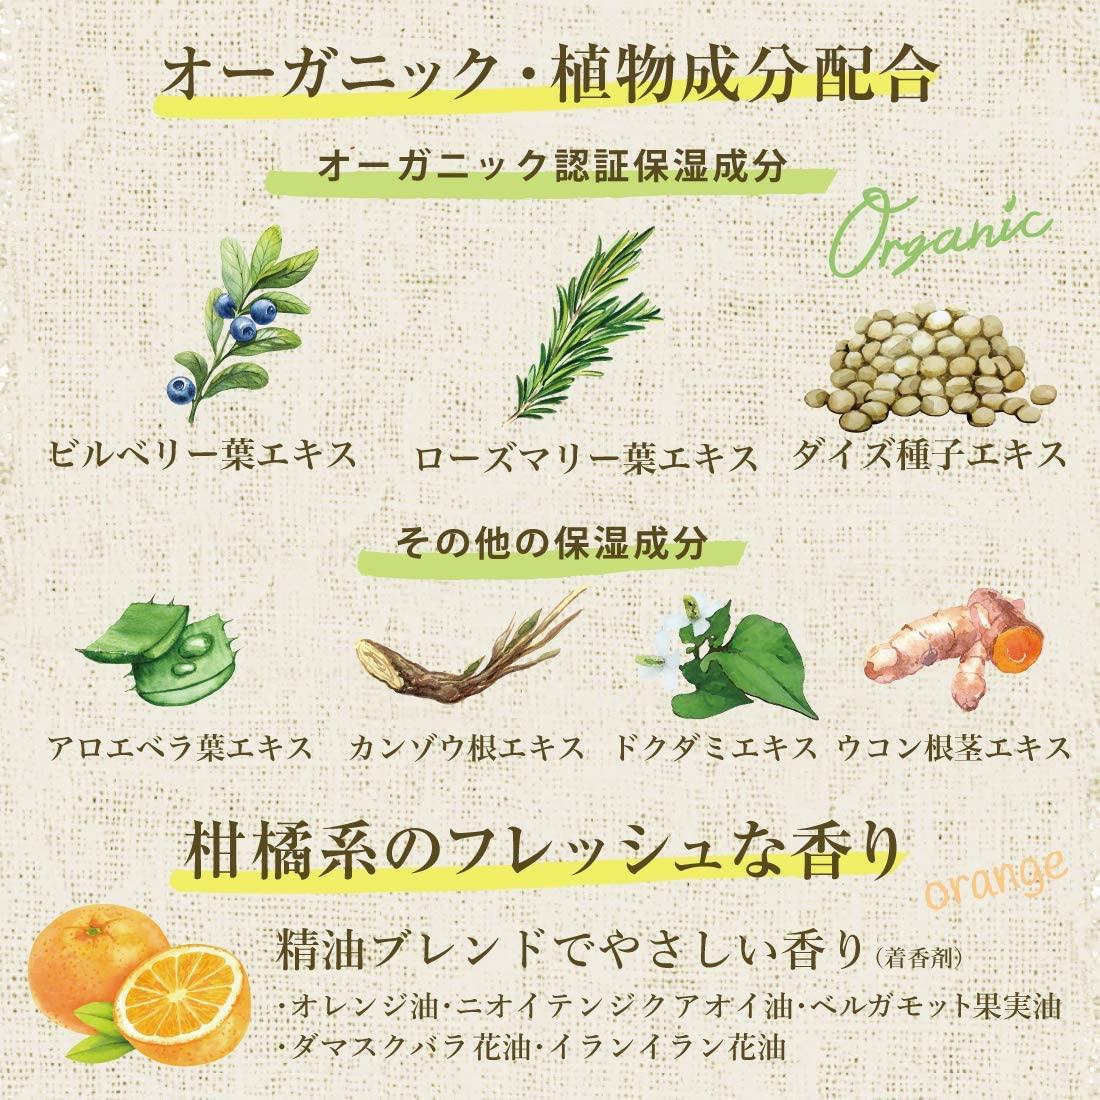 メイコーnaturactor(ナチュラクター) ミルクの商品画像5